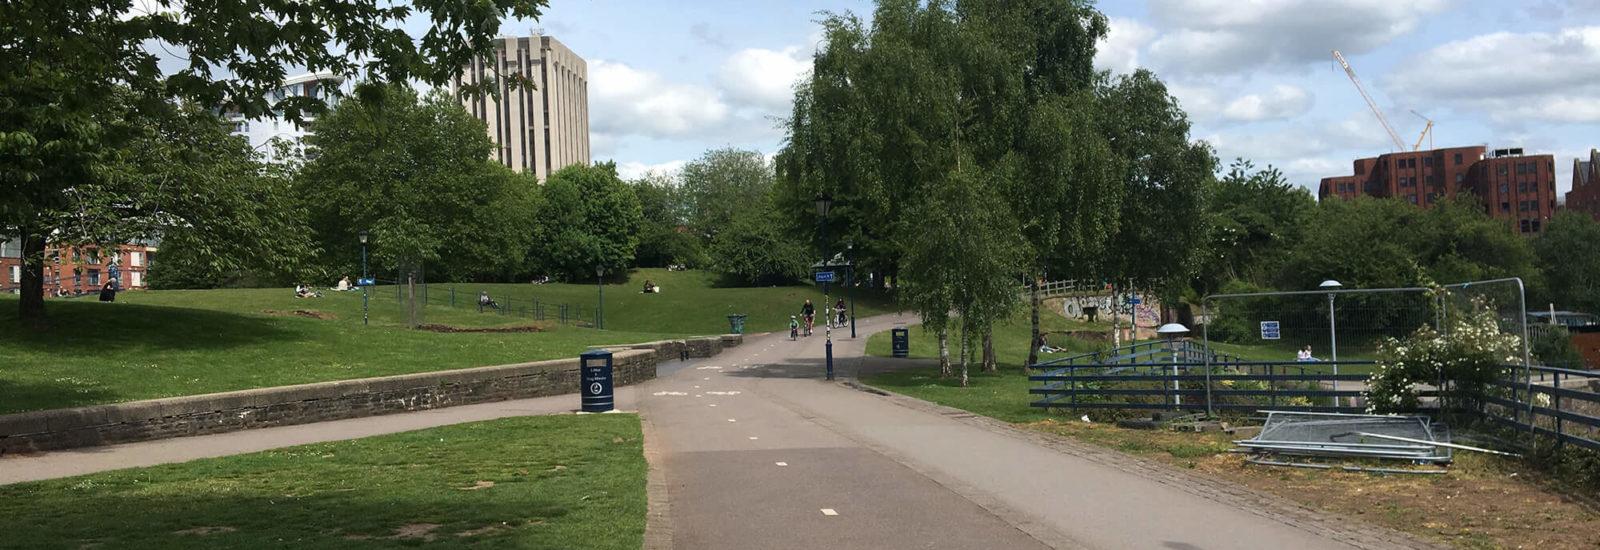 Image of Castle Park